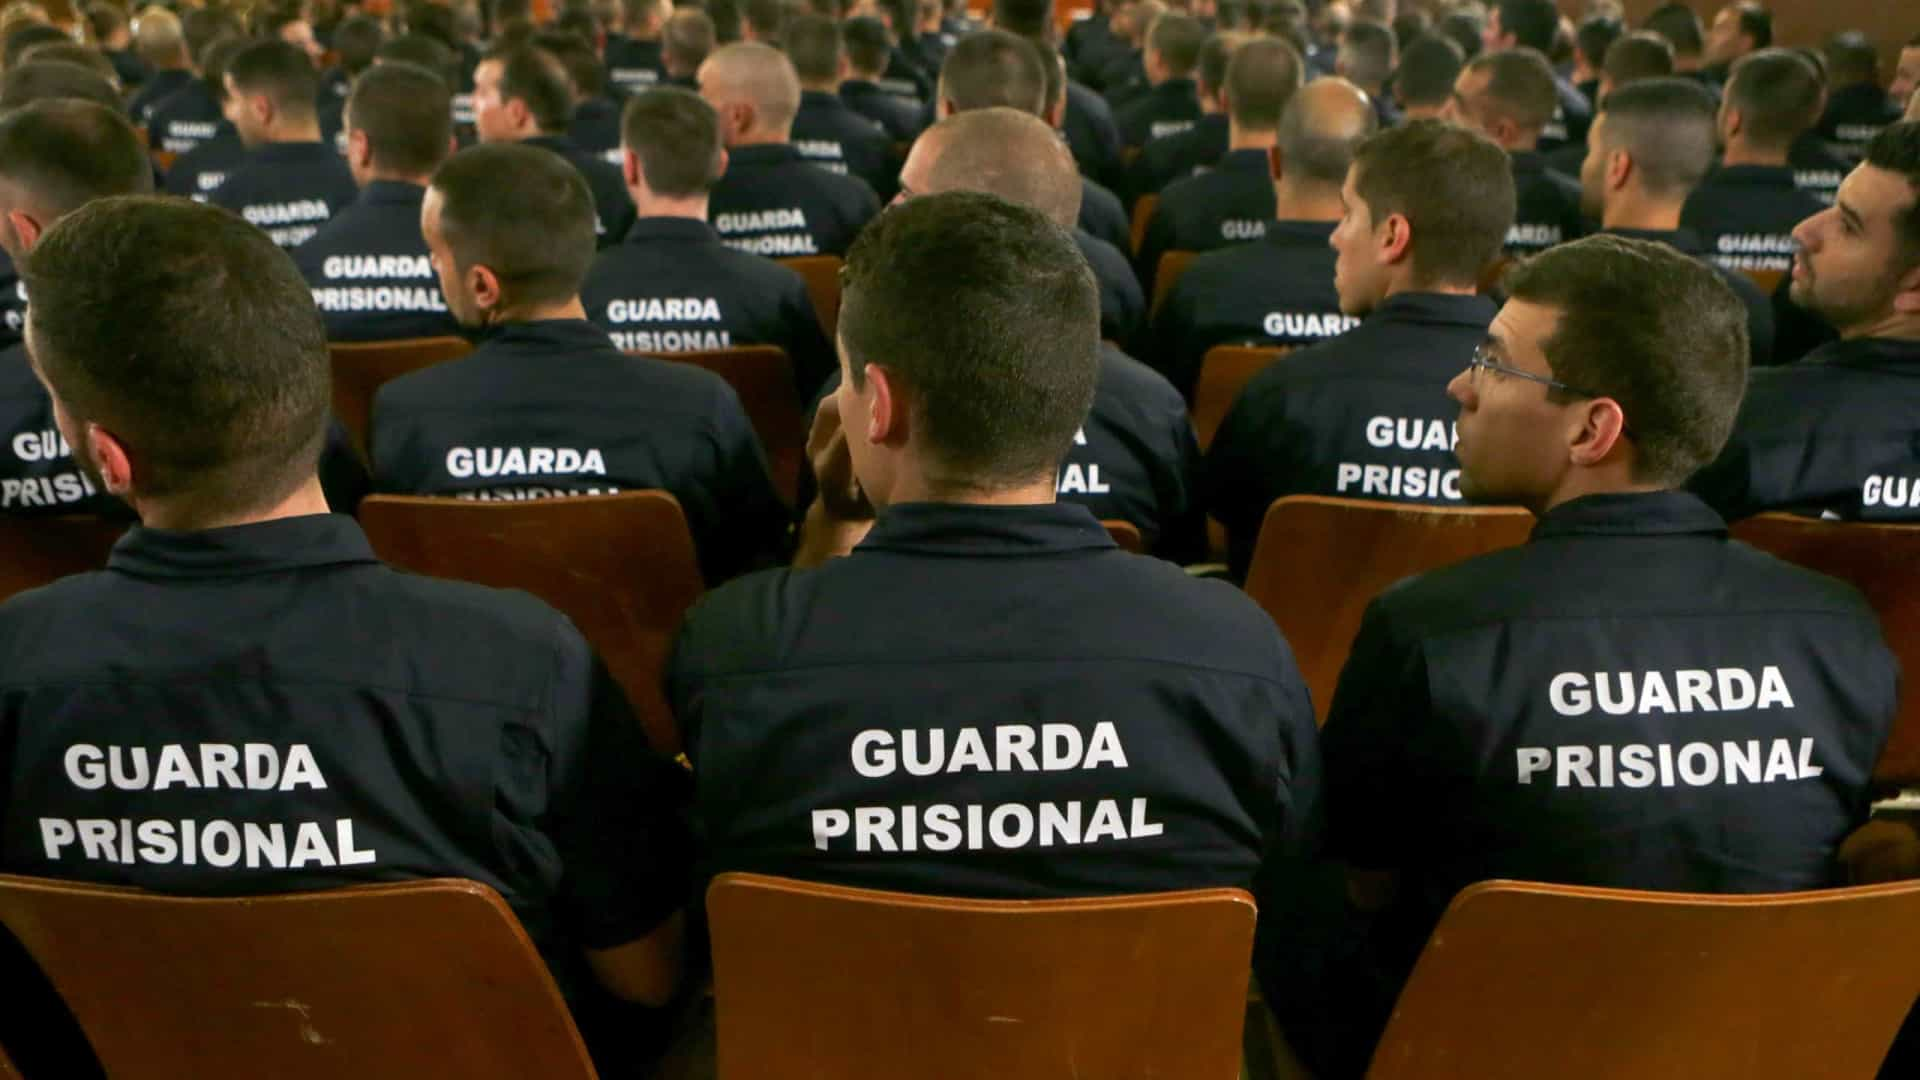 Cerca de 400 guardas prisionais tomam posse numa cerimónia com protestos